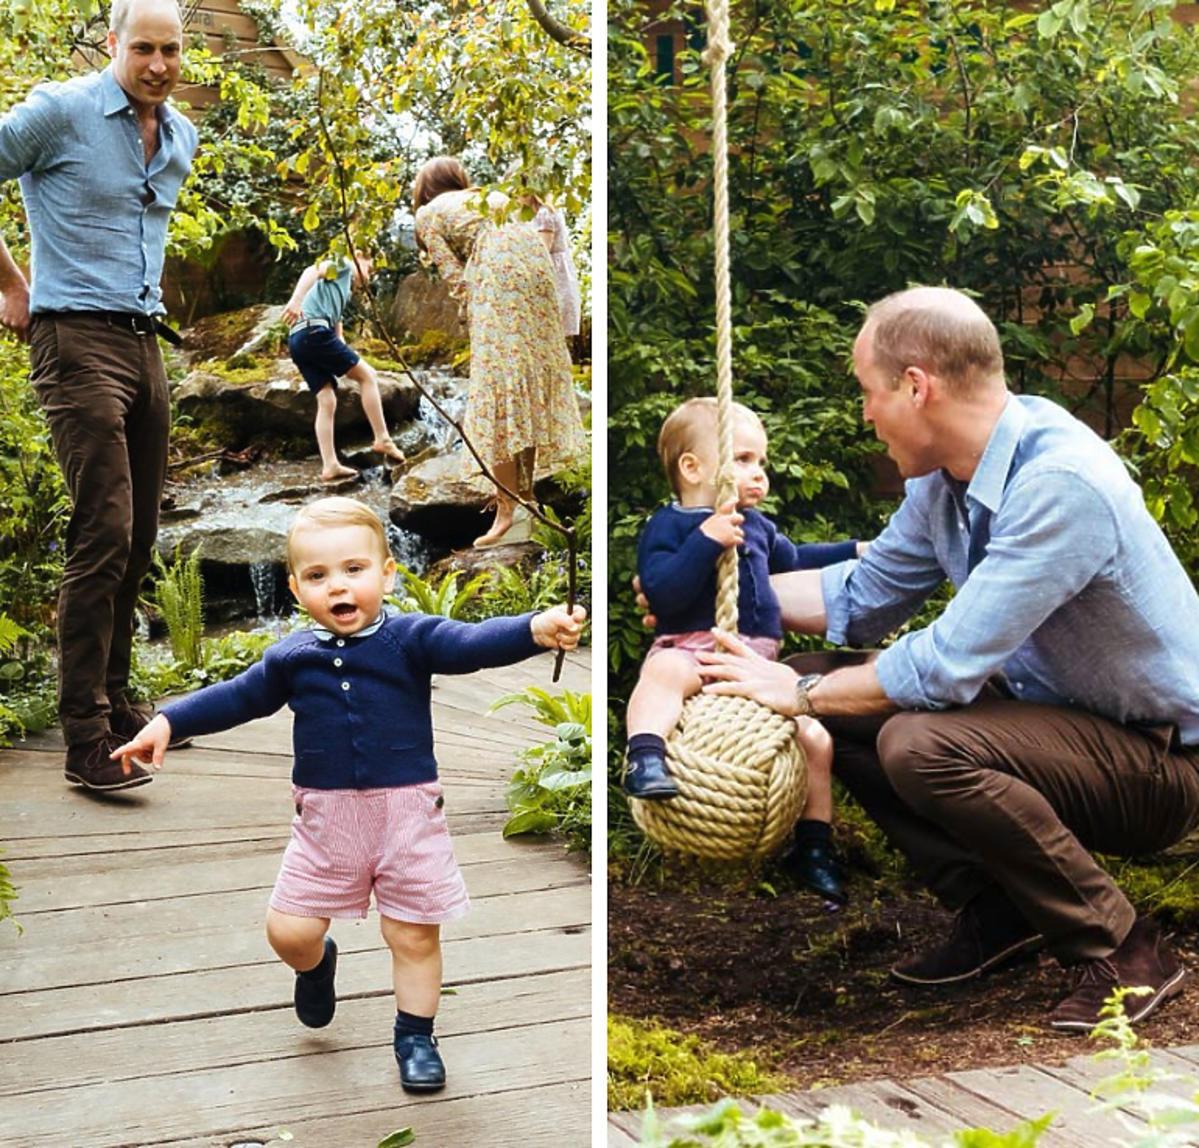 Książę William książę Louis w ogrodzie